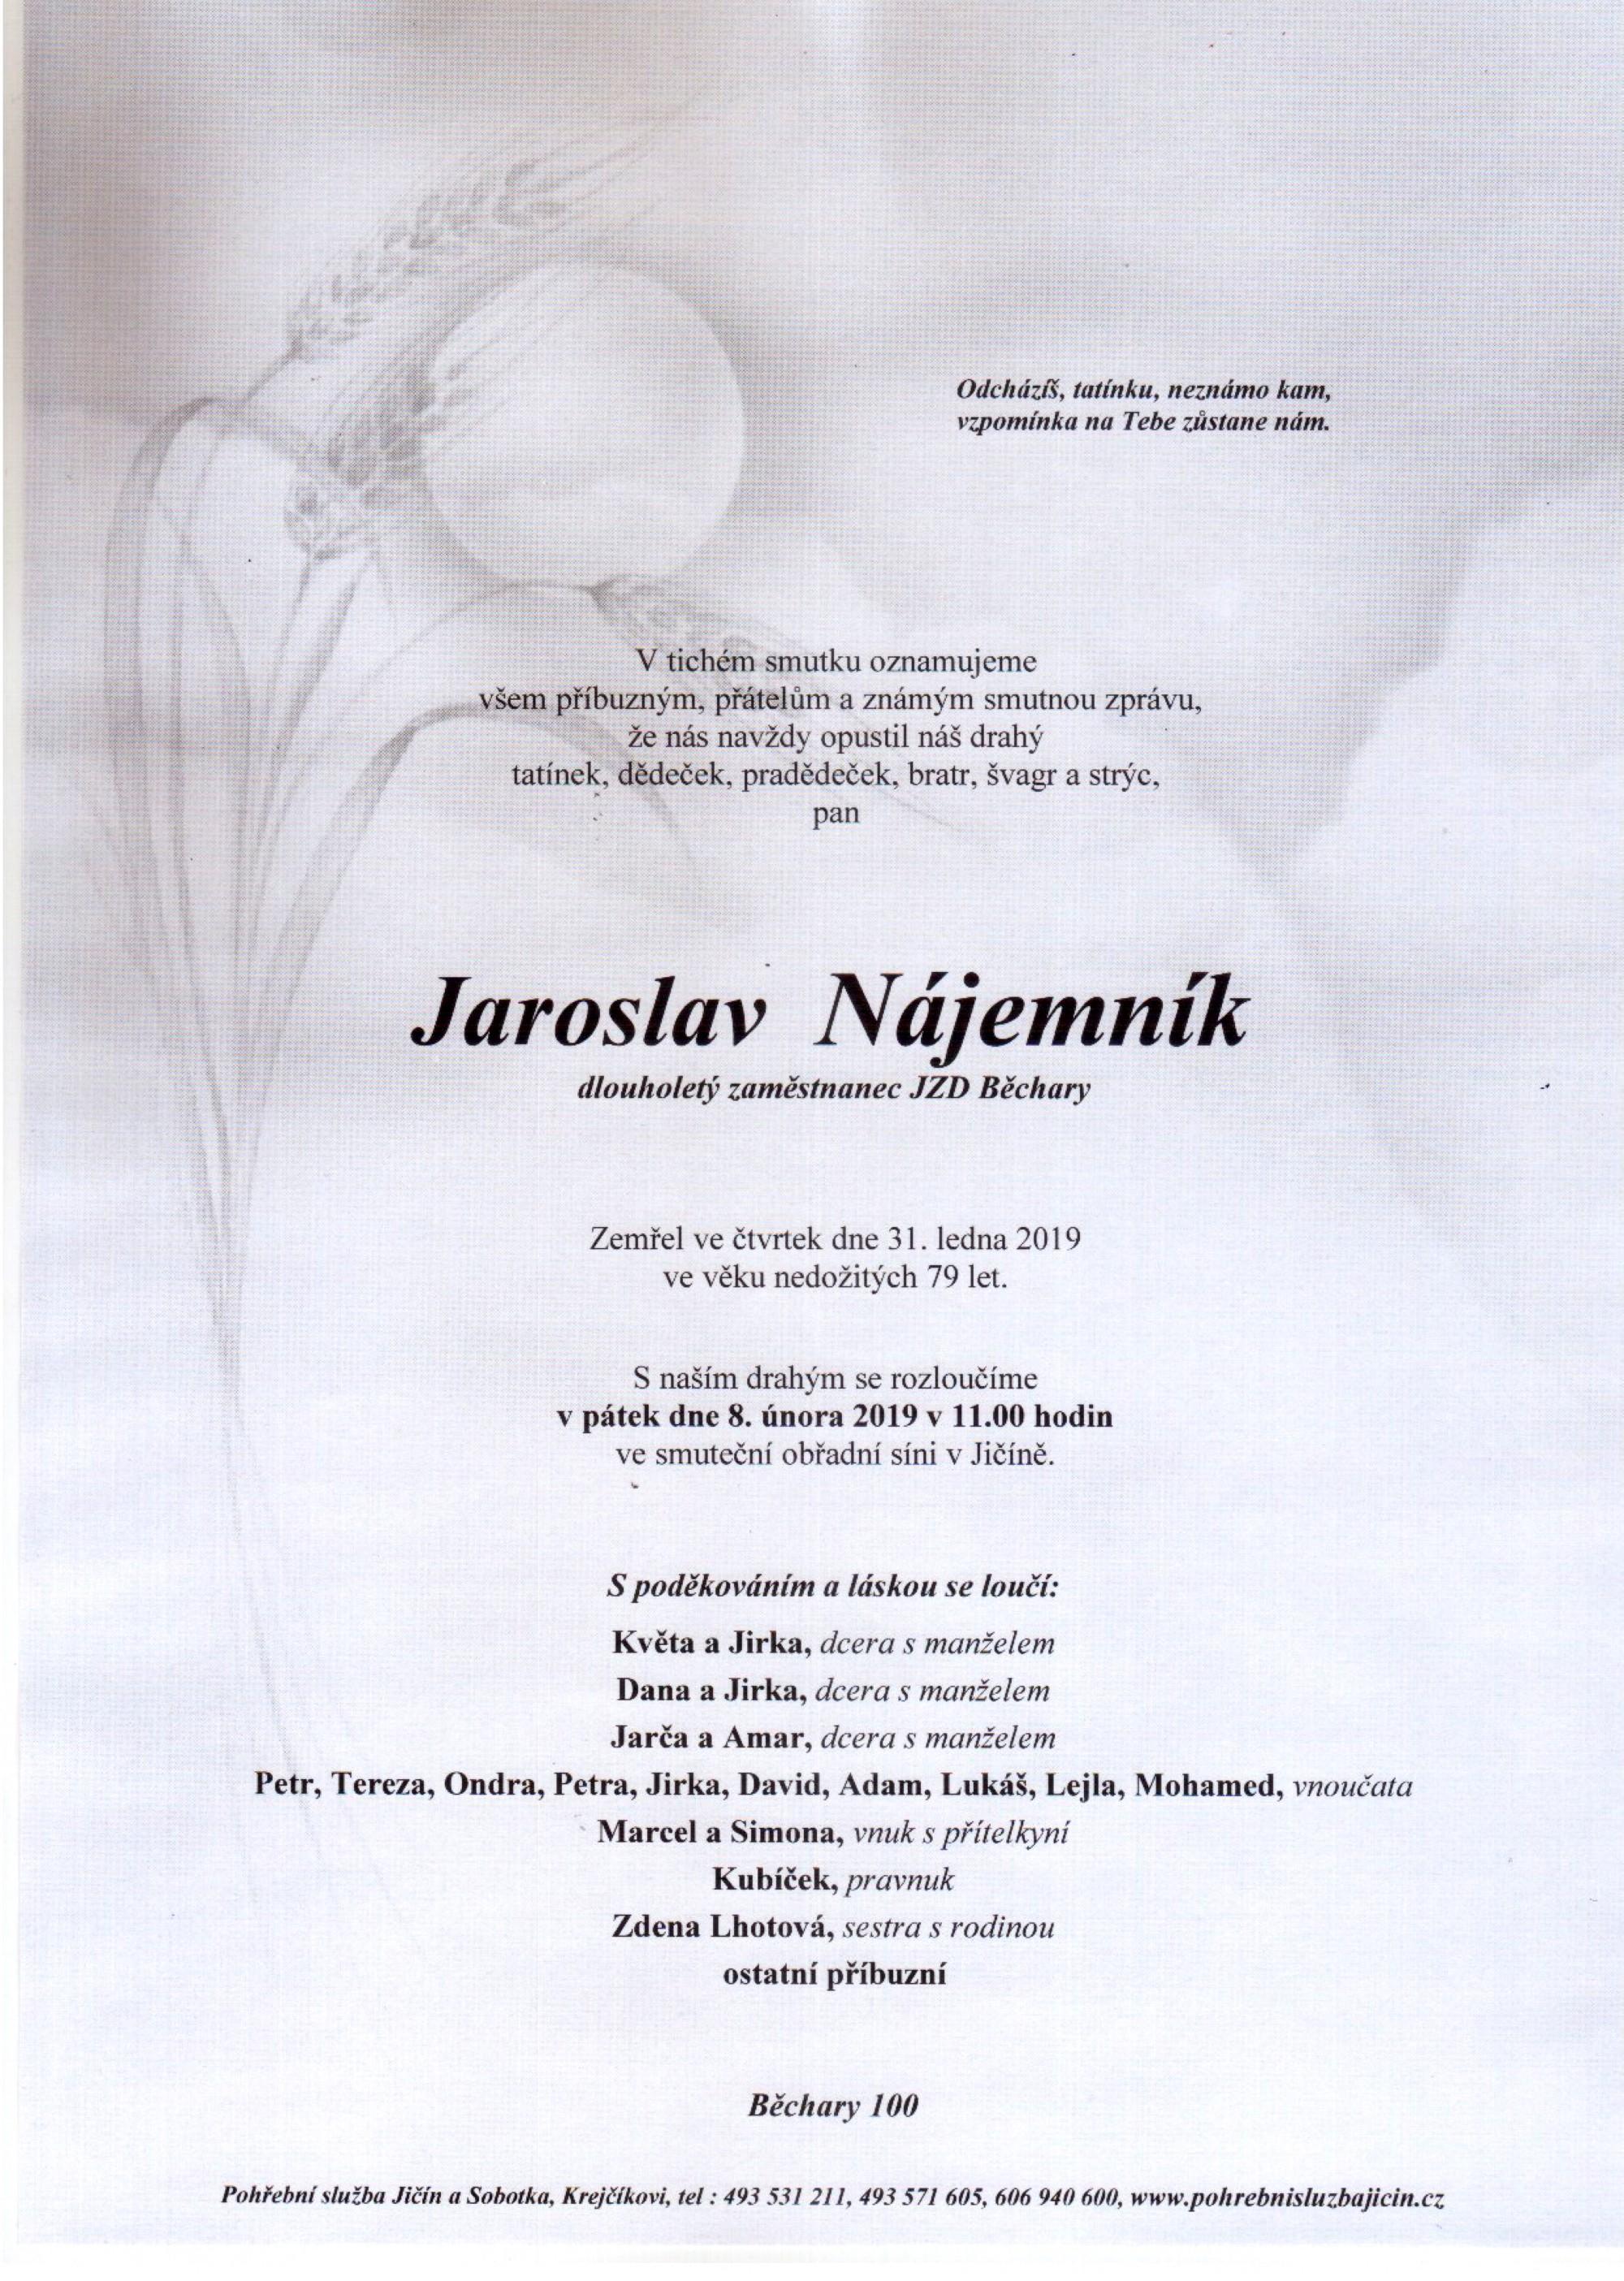 Jaroslav Nájemník